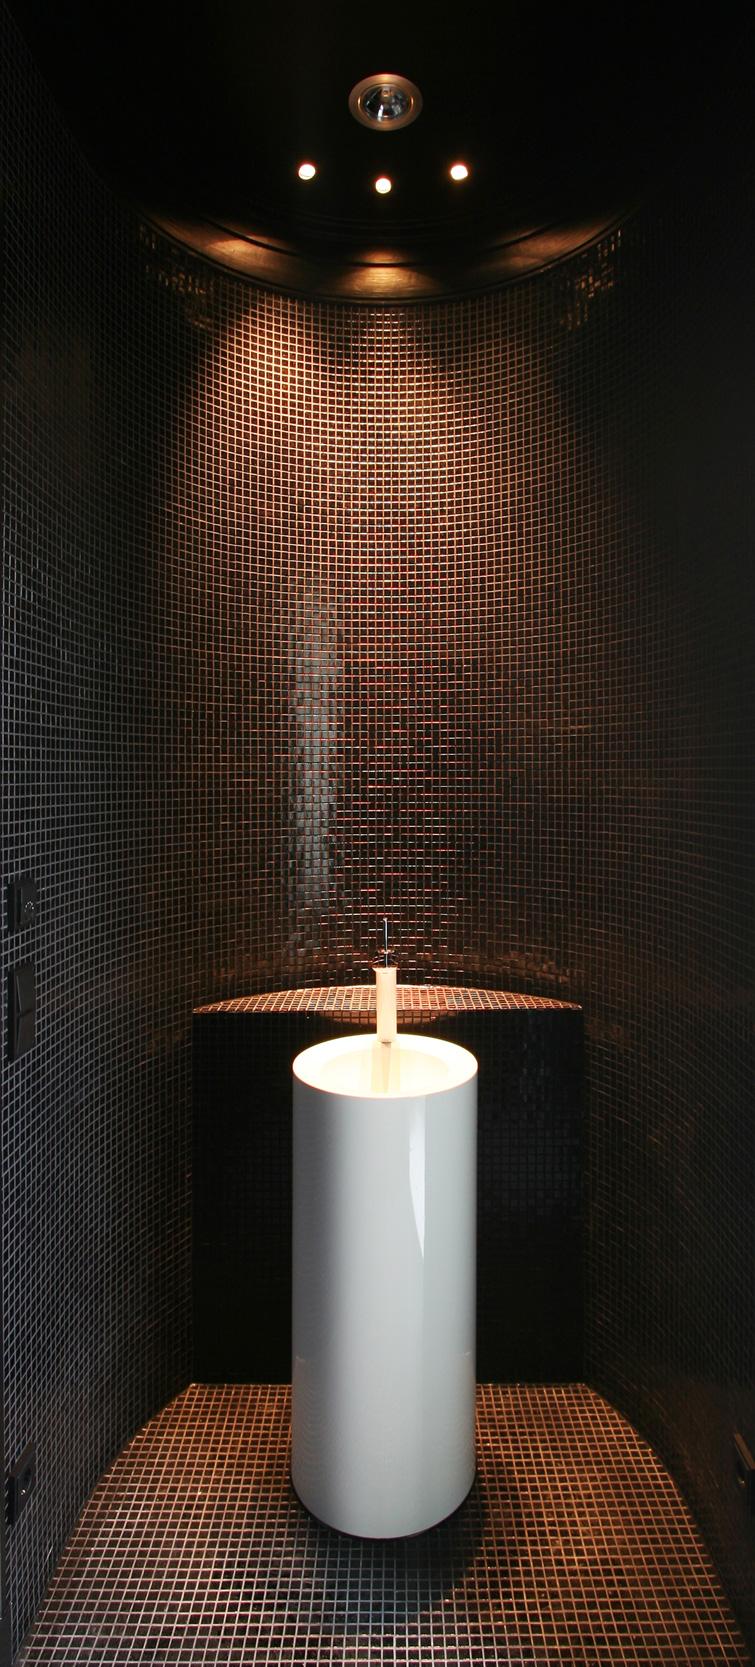 KLASSIK UND TRADITION - Neubau klassizistische Villa - Das Gäste-WC mit weißer Waschstele und schwarzem Glasmosaik.